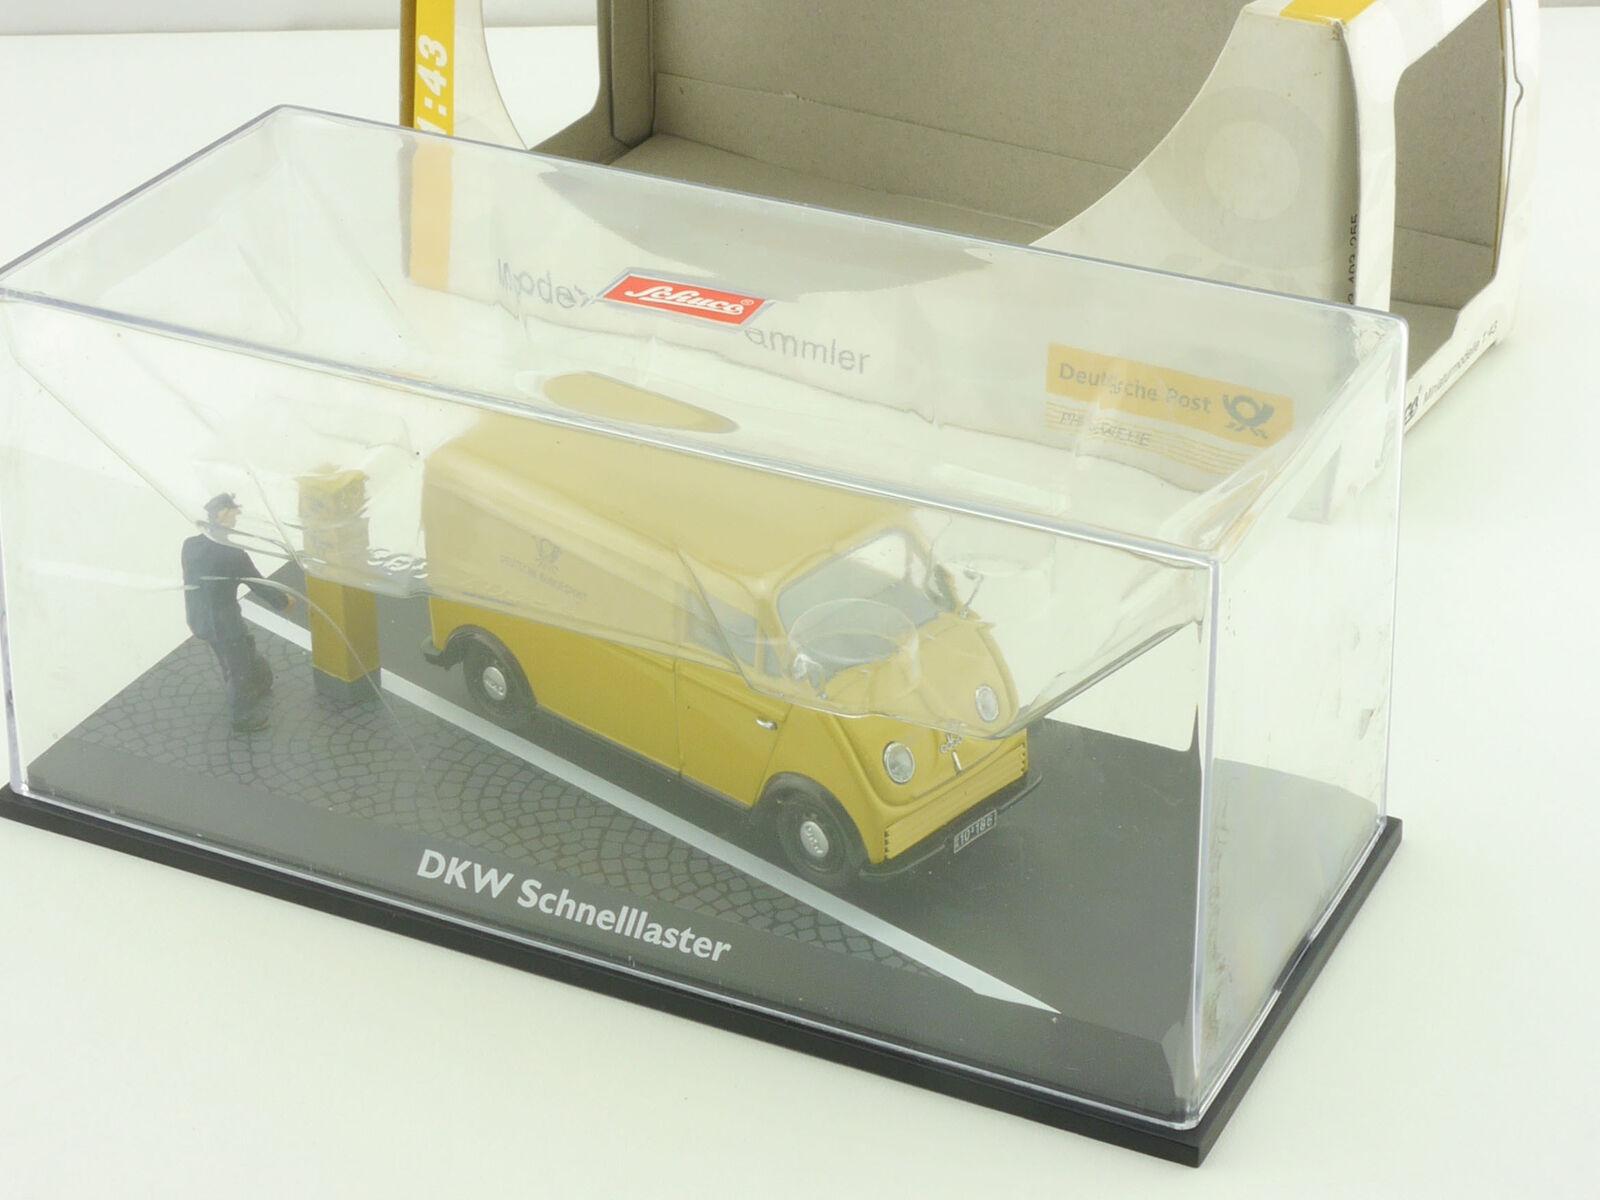 Schuco 010532 DKW Schnelllaster deutsche post diorama diorama diorama 1 43 OVP 1604-05-75  venta al por mayor barato